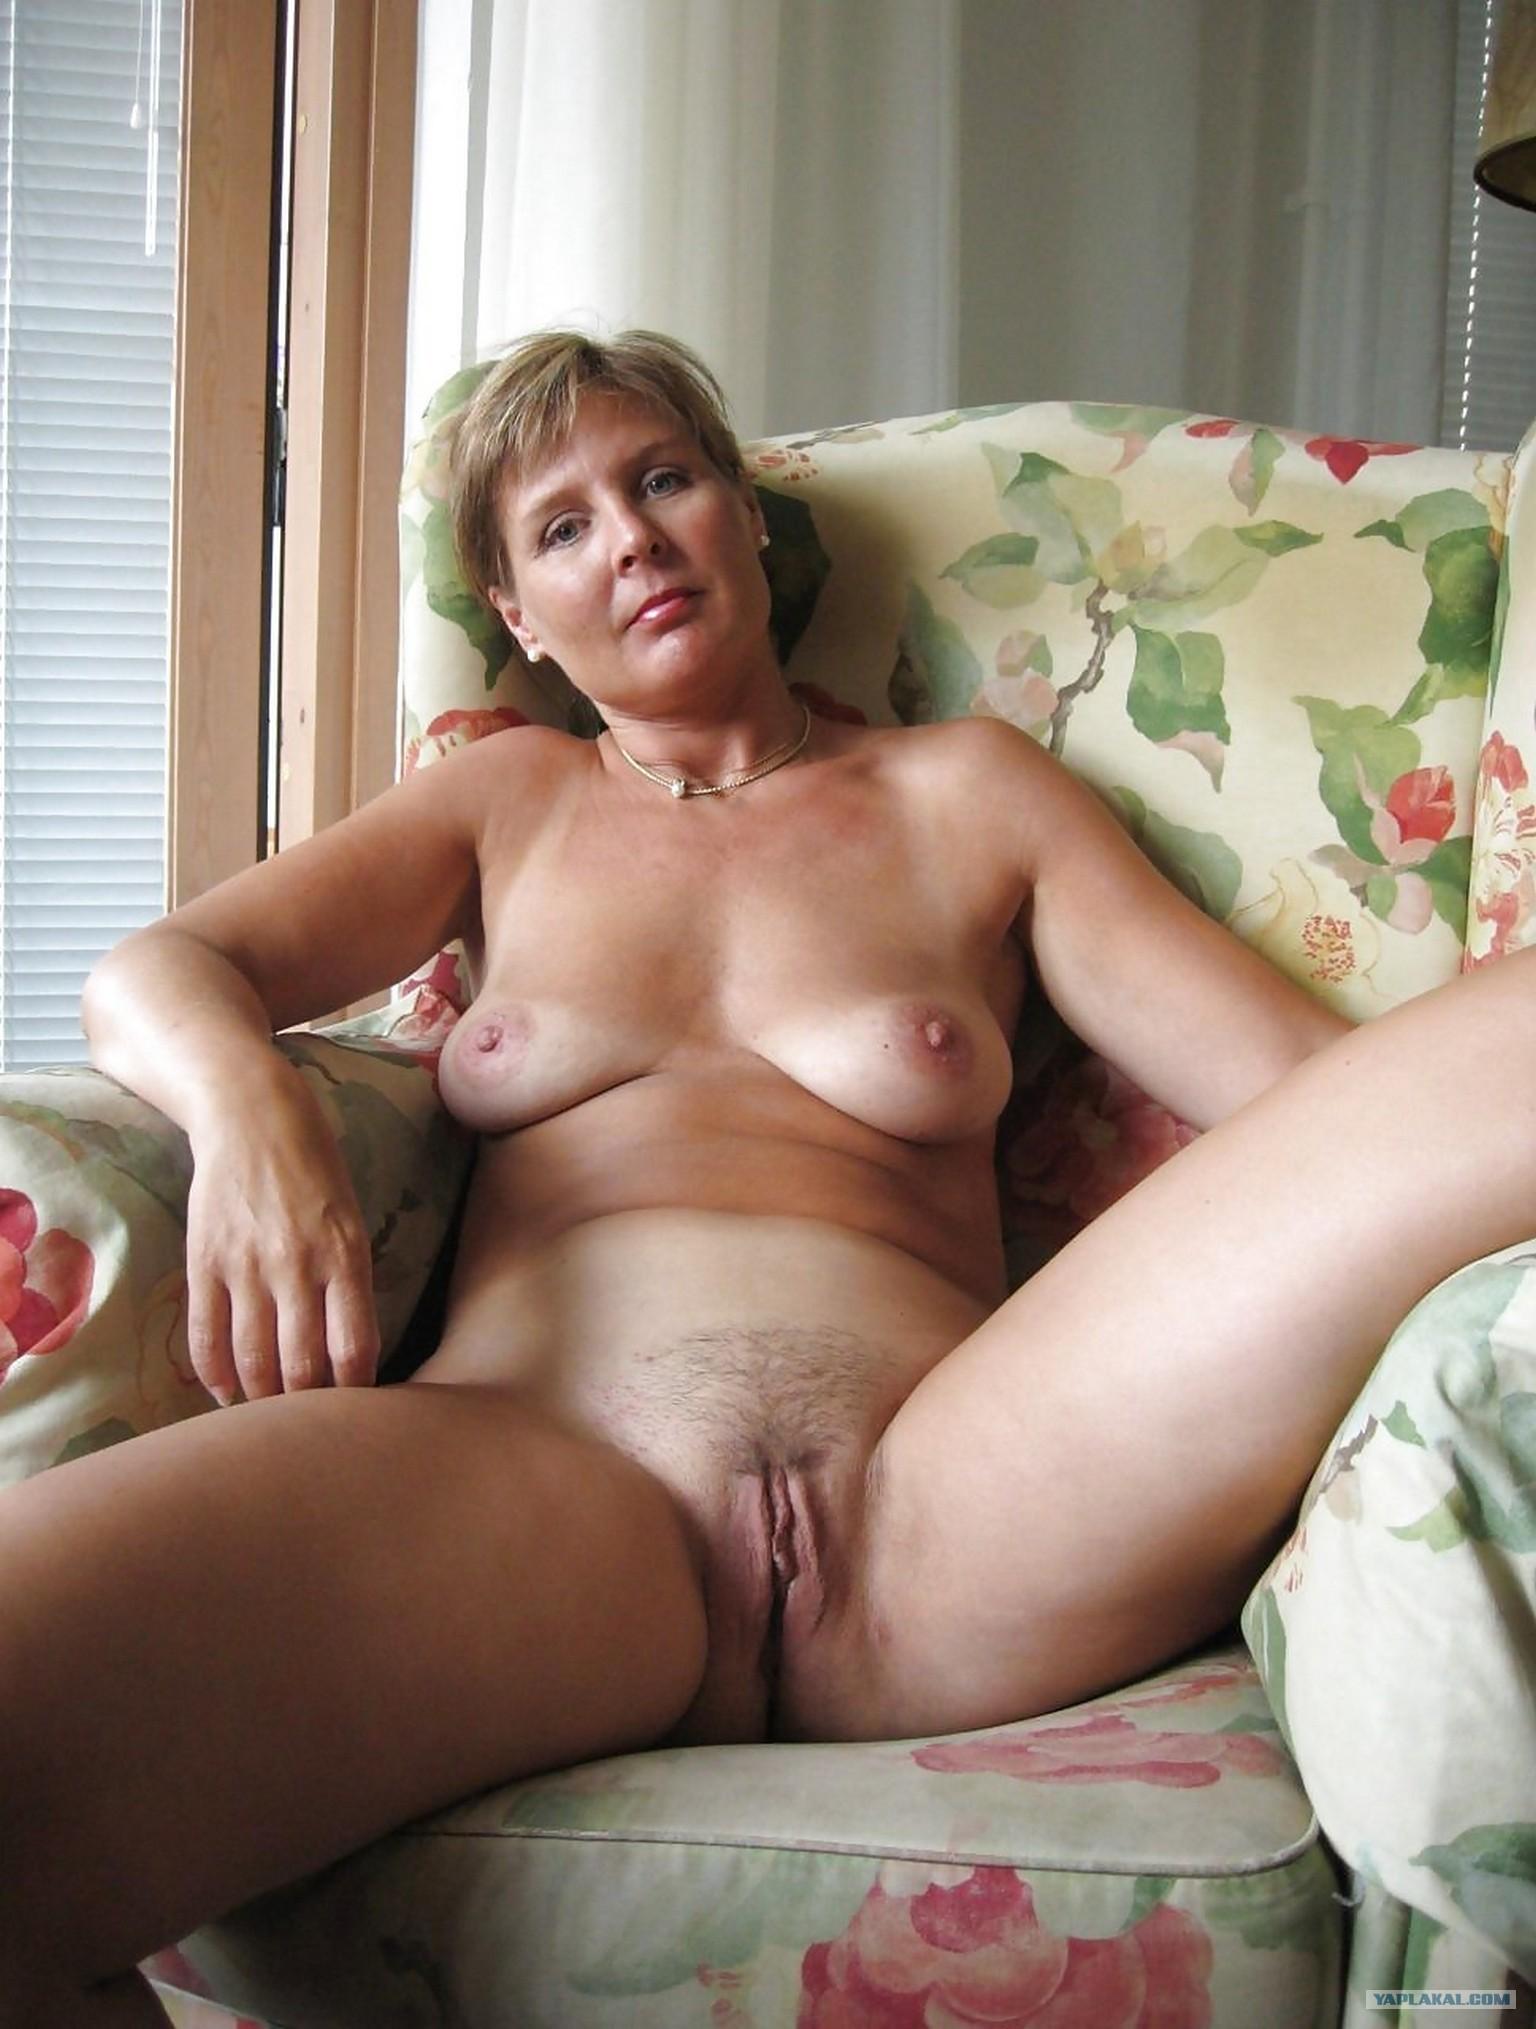 Эротические фото мамаш за 40 19 фотография